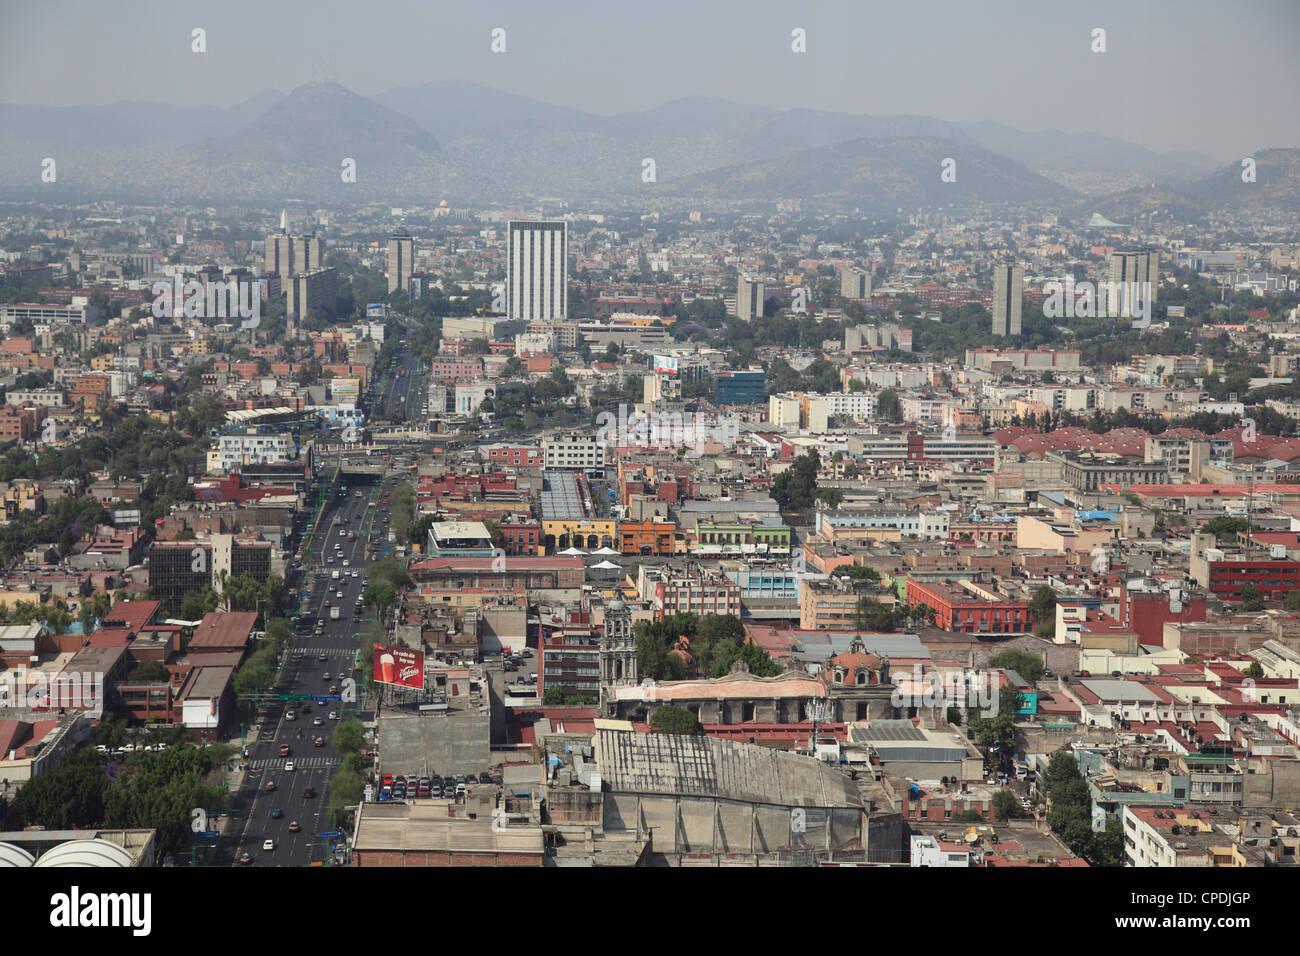 Vista sul centro di Città del Messico, Città del Messico, Messico, America del Nord Immagini Stock